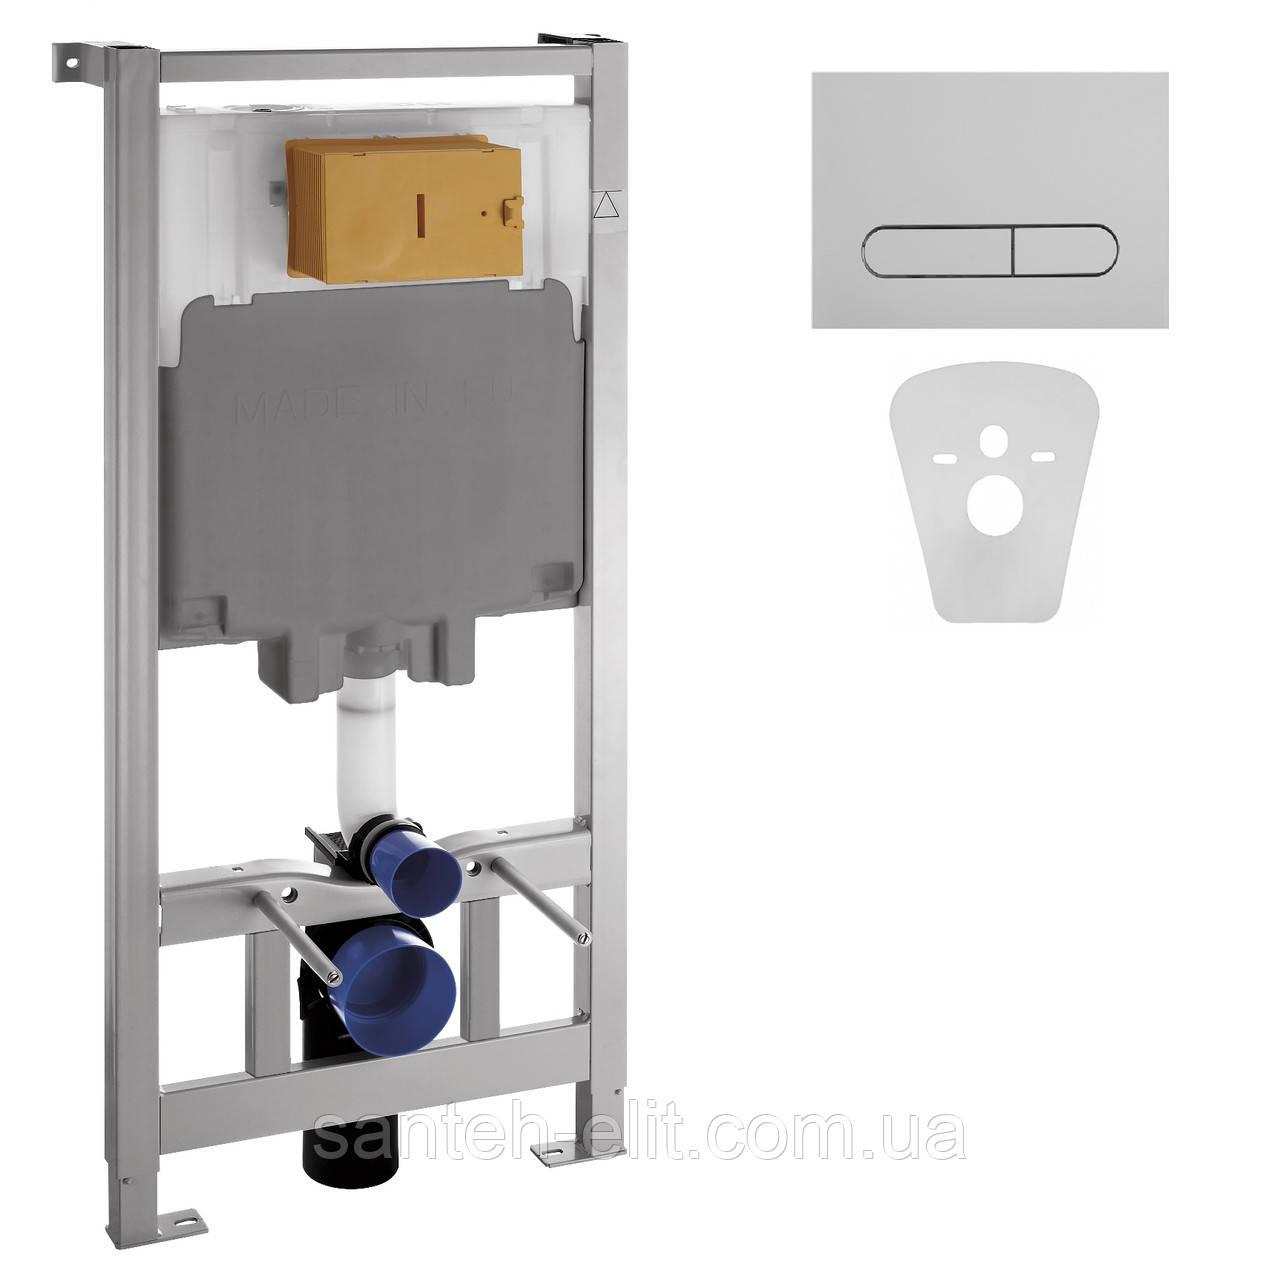 Инсталляция VOLLE MASTER для подвесного унитаза, комплект инсталляции 4в1, клав иша хром 141515